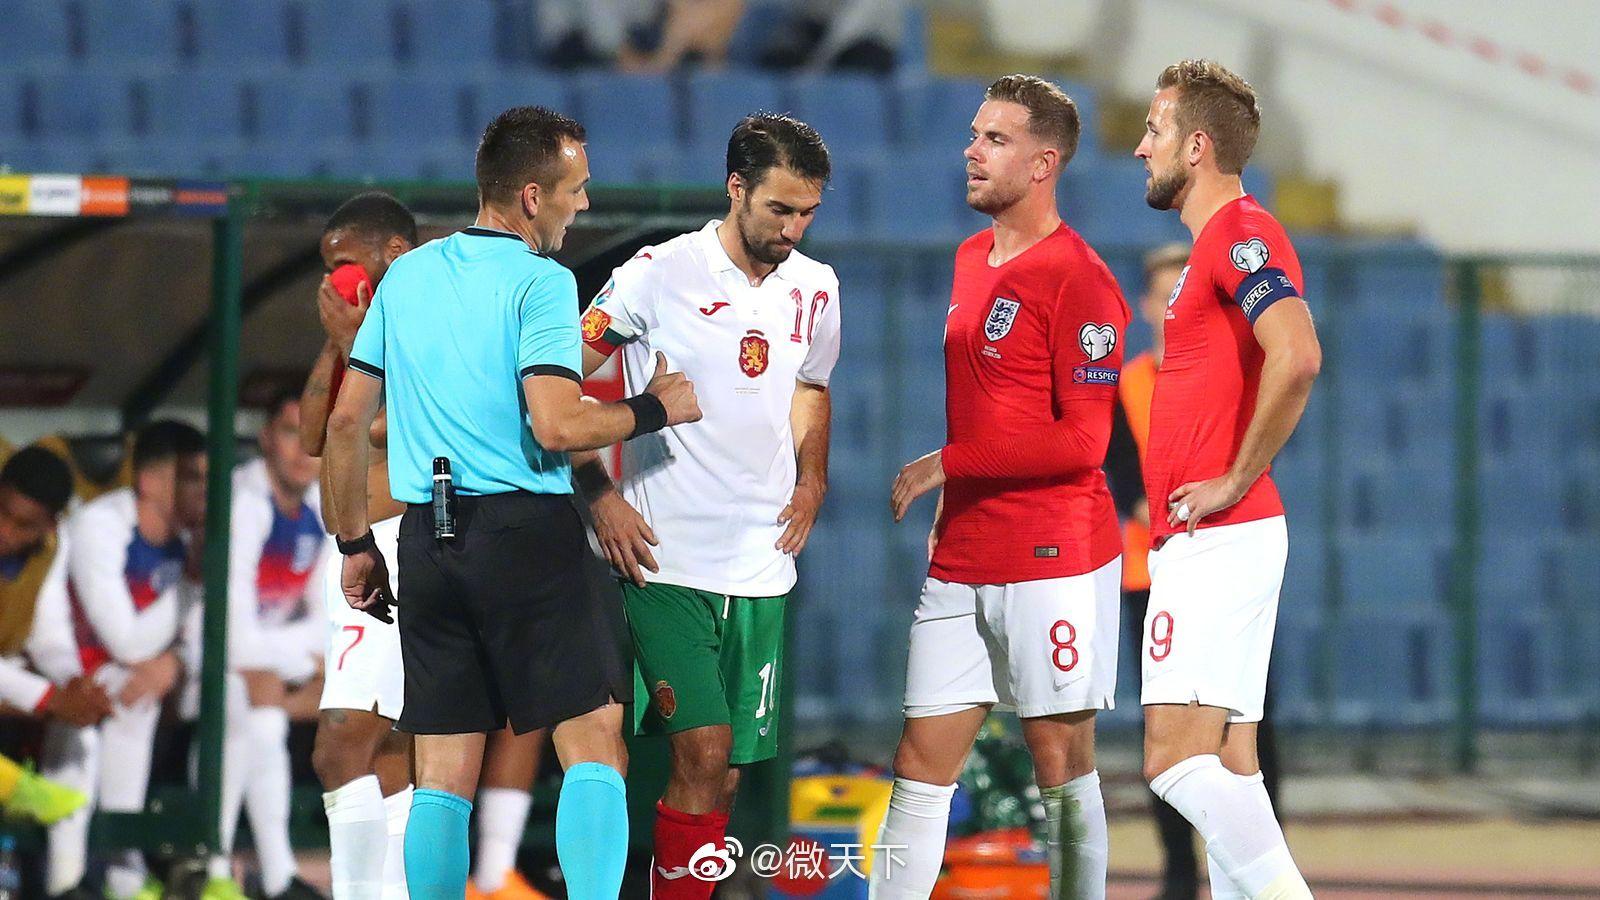 种族歧视致英格兰和保加利亚球赛中断两次 保加利亚主帅